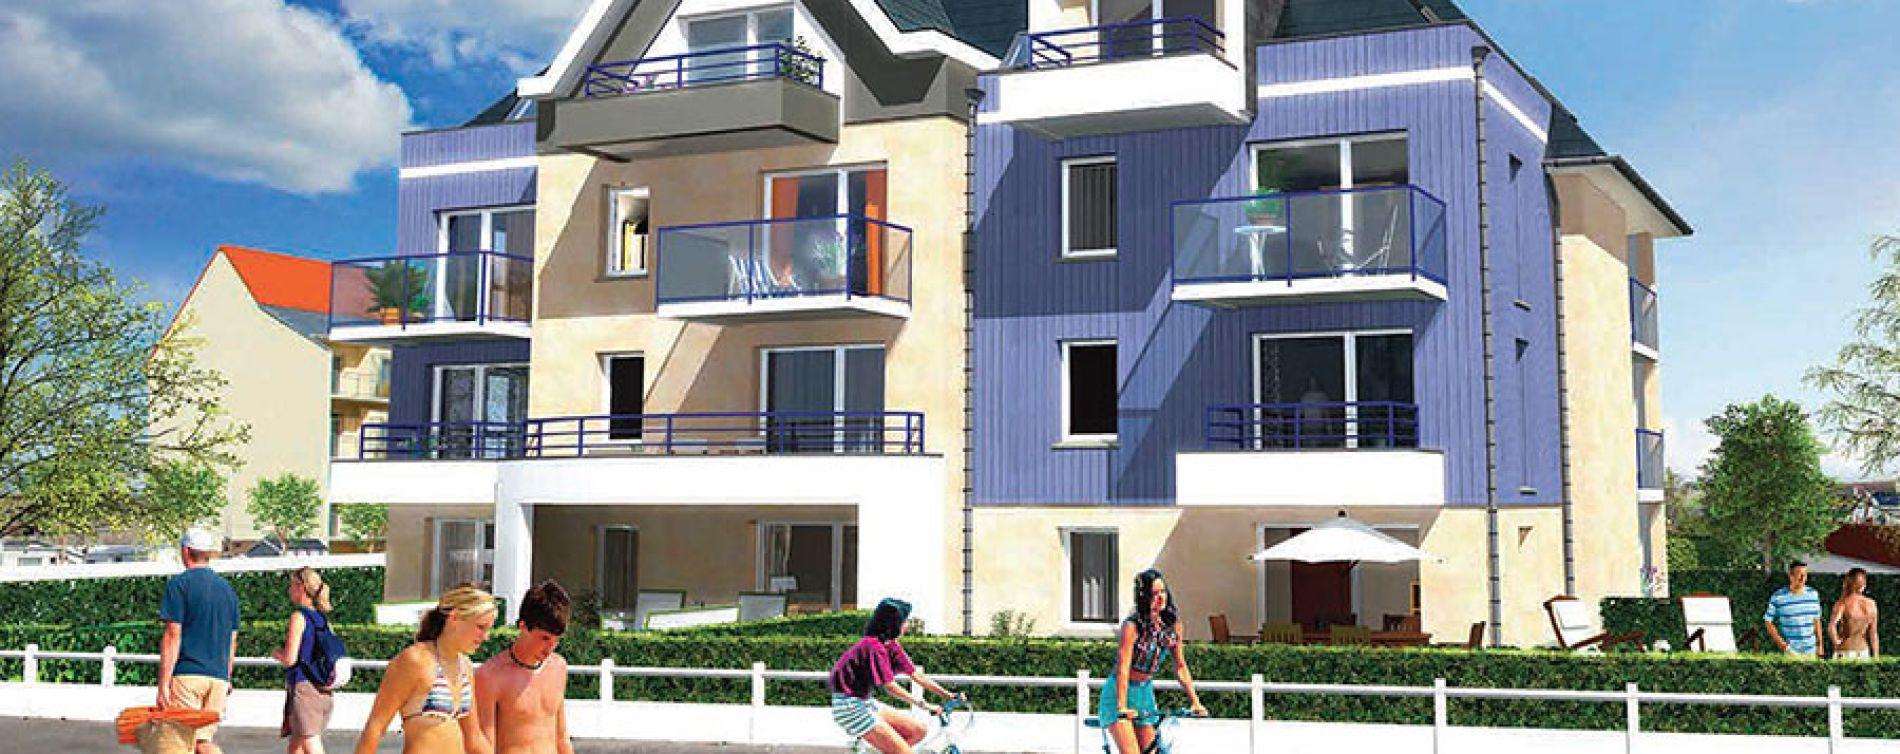 Résidence Villas des Tamaris à Berck